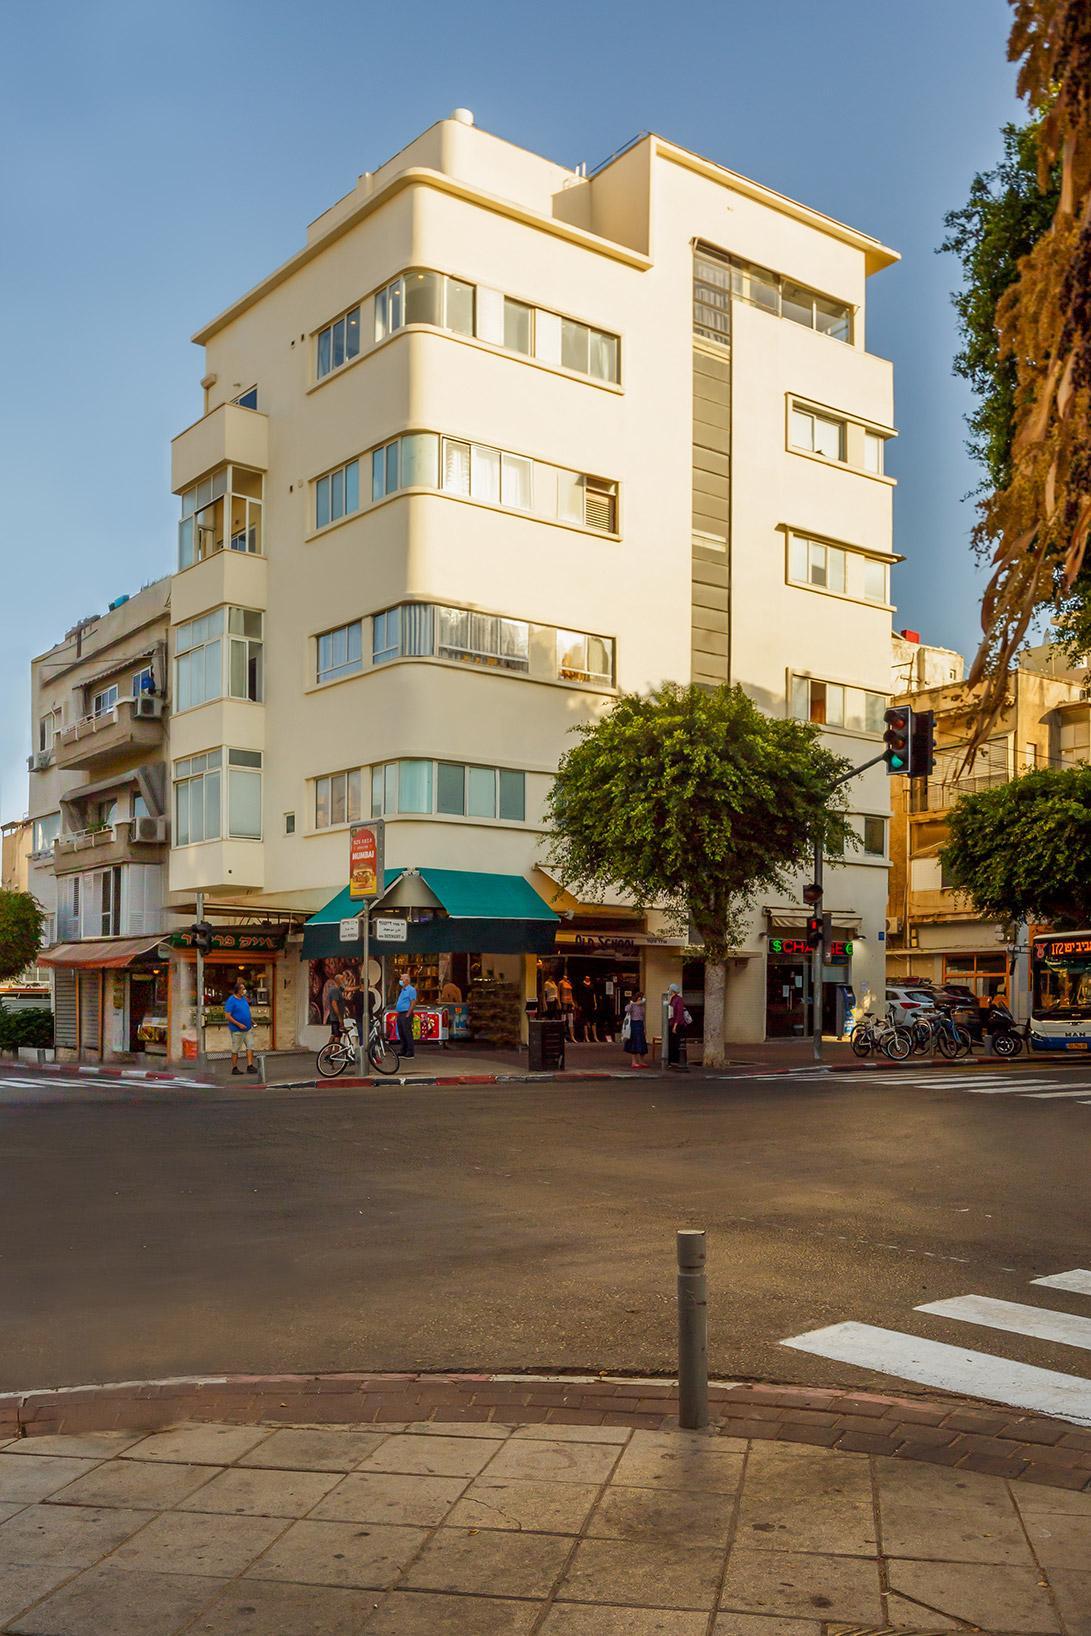 דיזנגוף 278 תל אביב